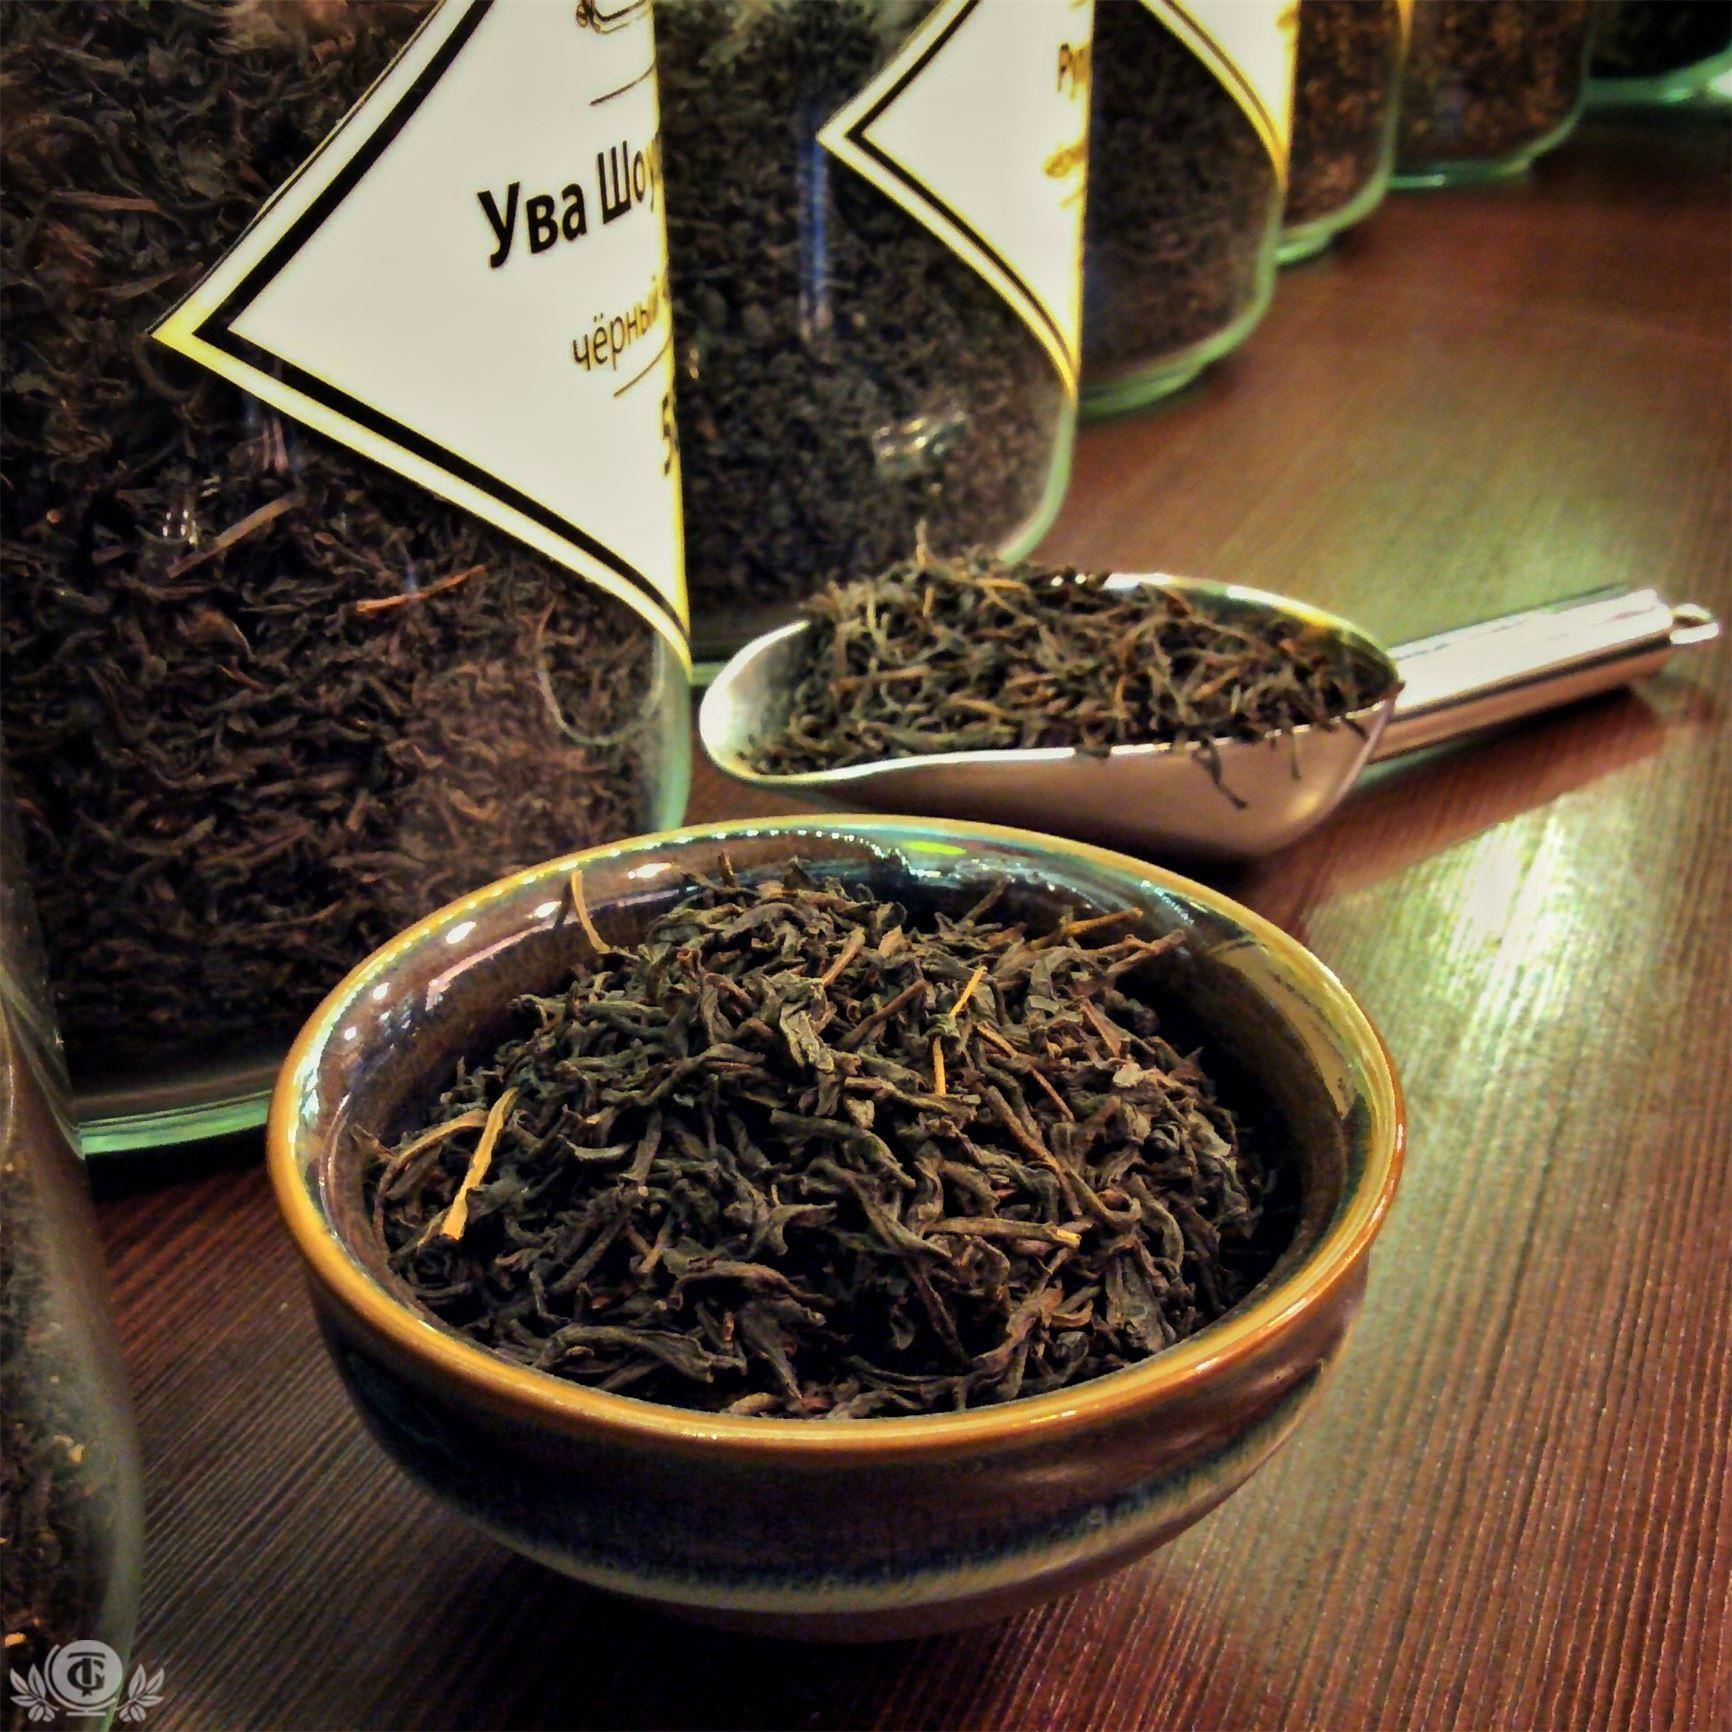 красный чай и его изготовитель